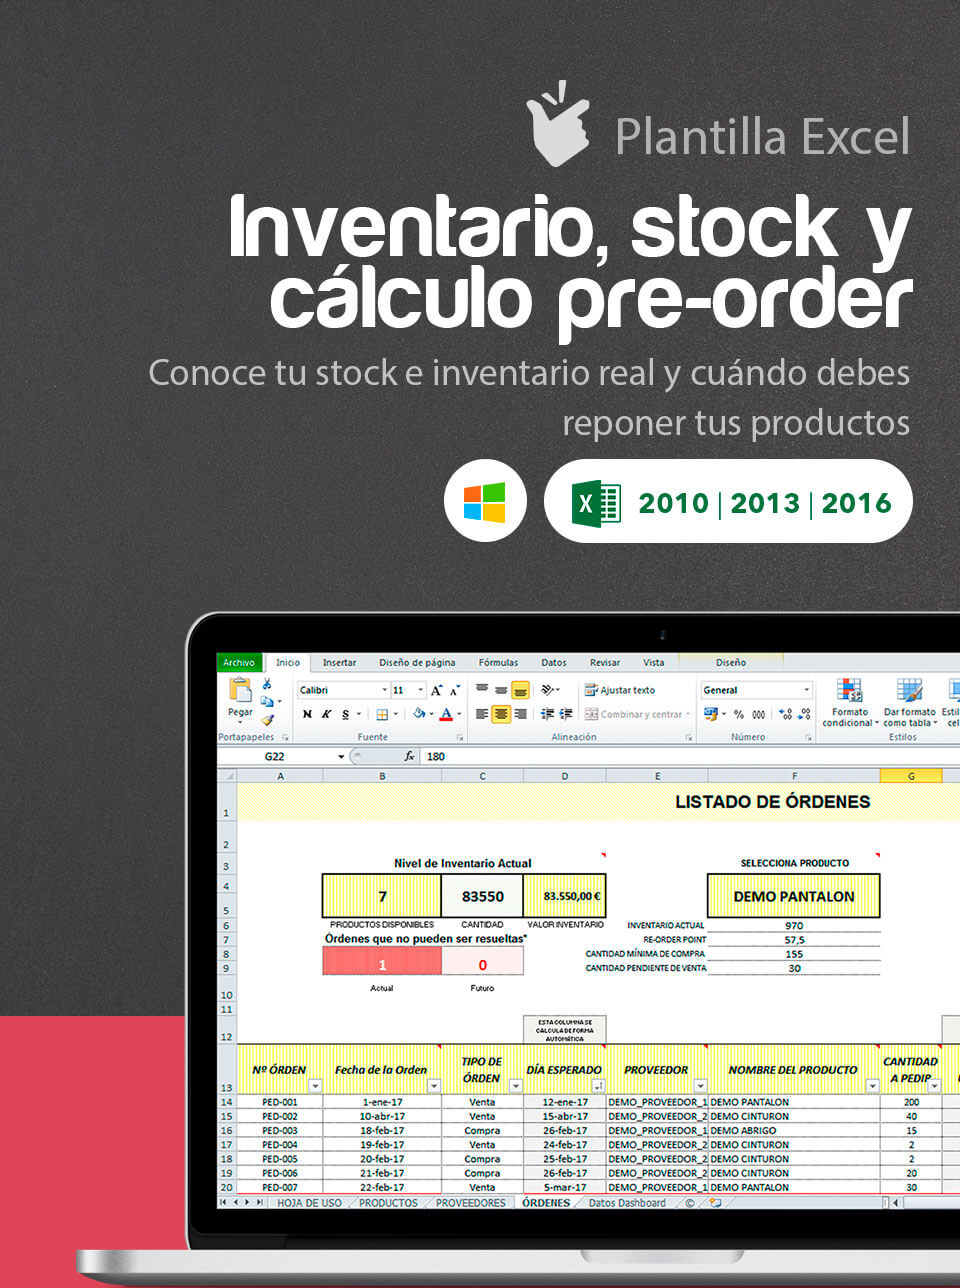 Plantilla Inventario, Stock y Cálculo Pre-Order | Plantilla de ...